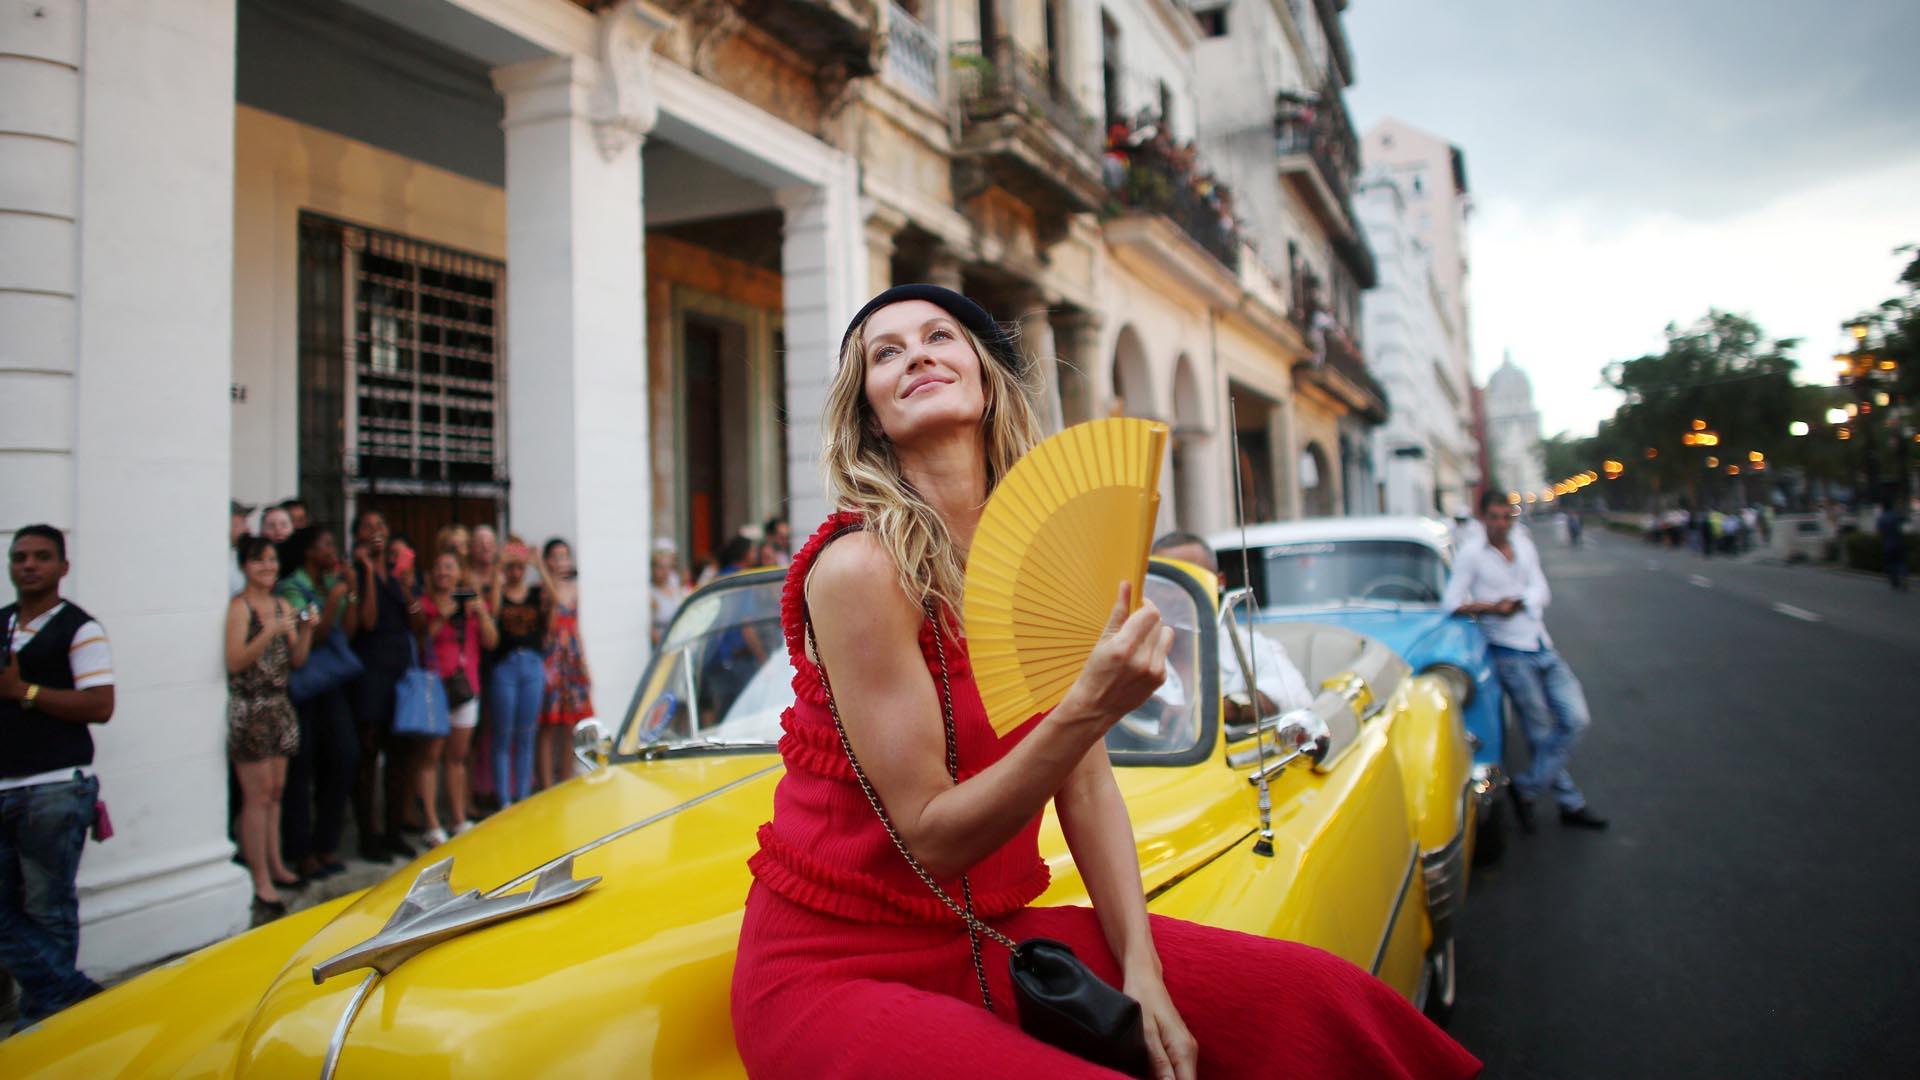 Cuba se ha convertido en un destino turístico por excelencia desde que pactó una reconciliación política con los Estados Unidos